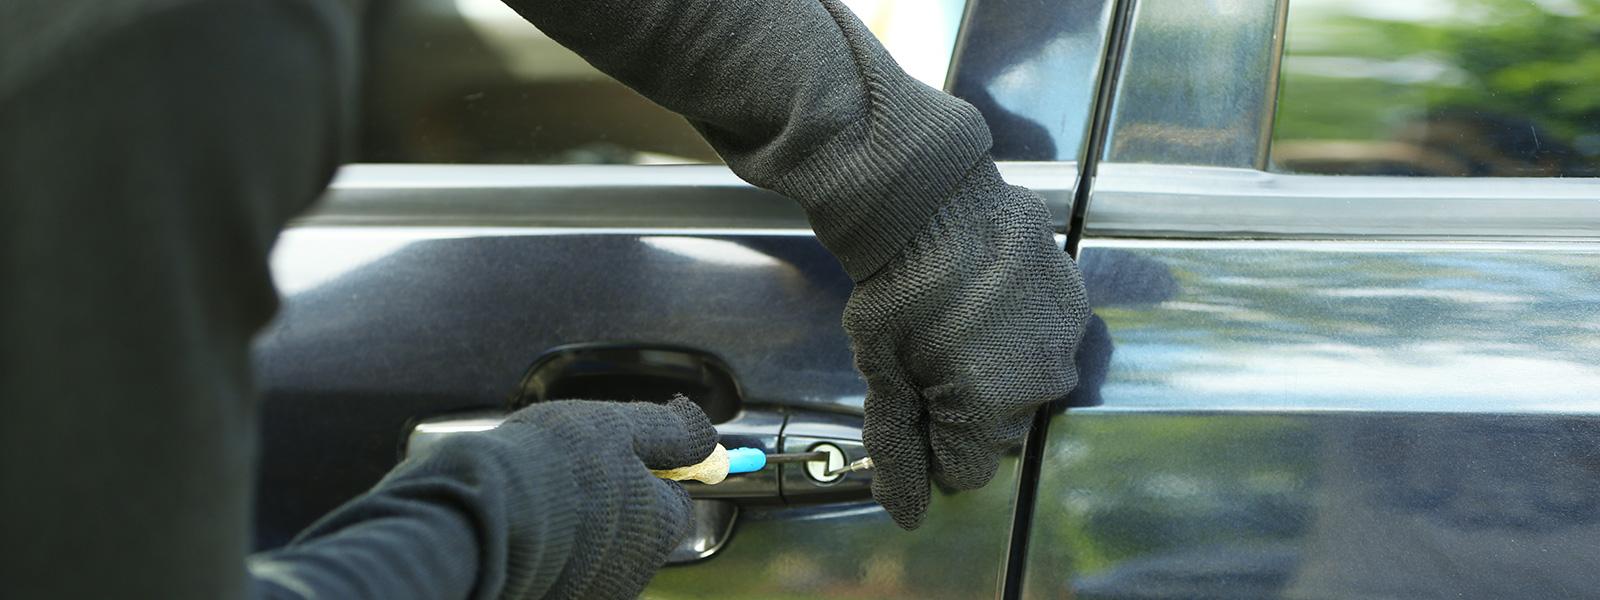 Evite o roubo do seu carro